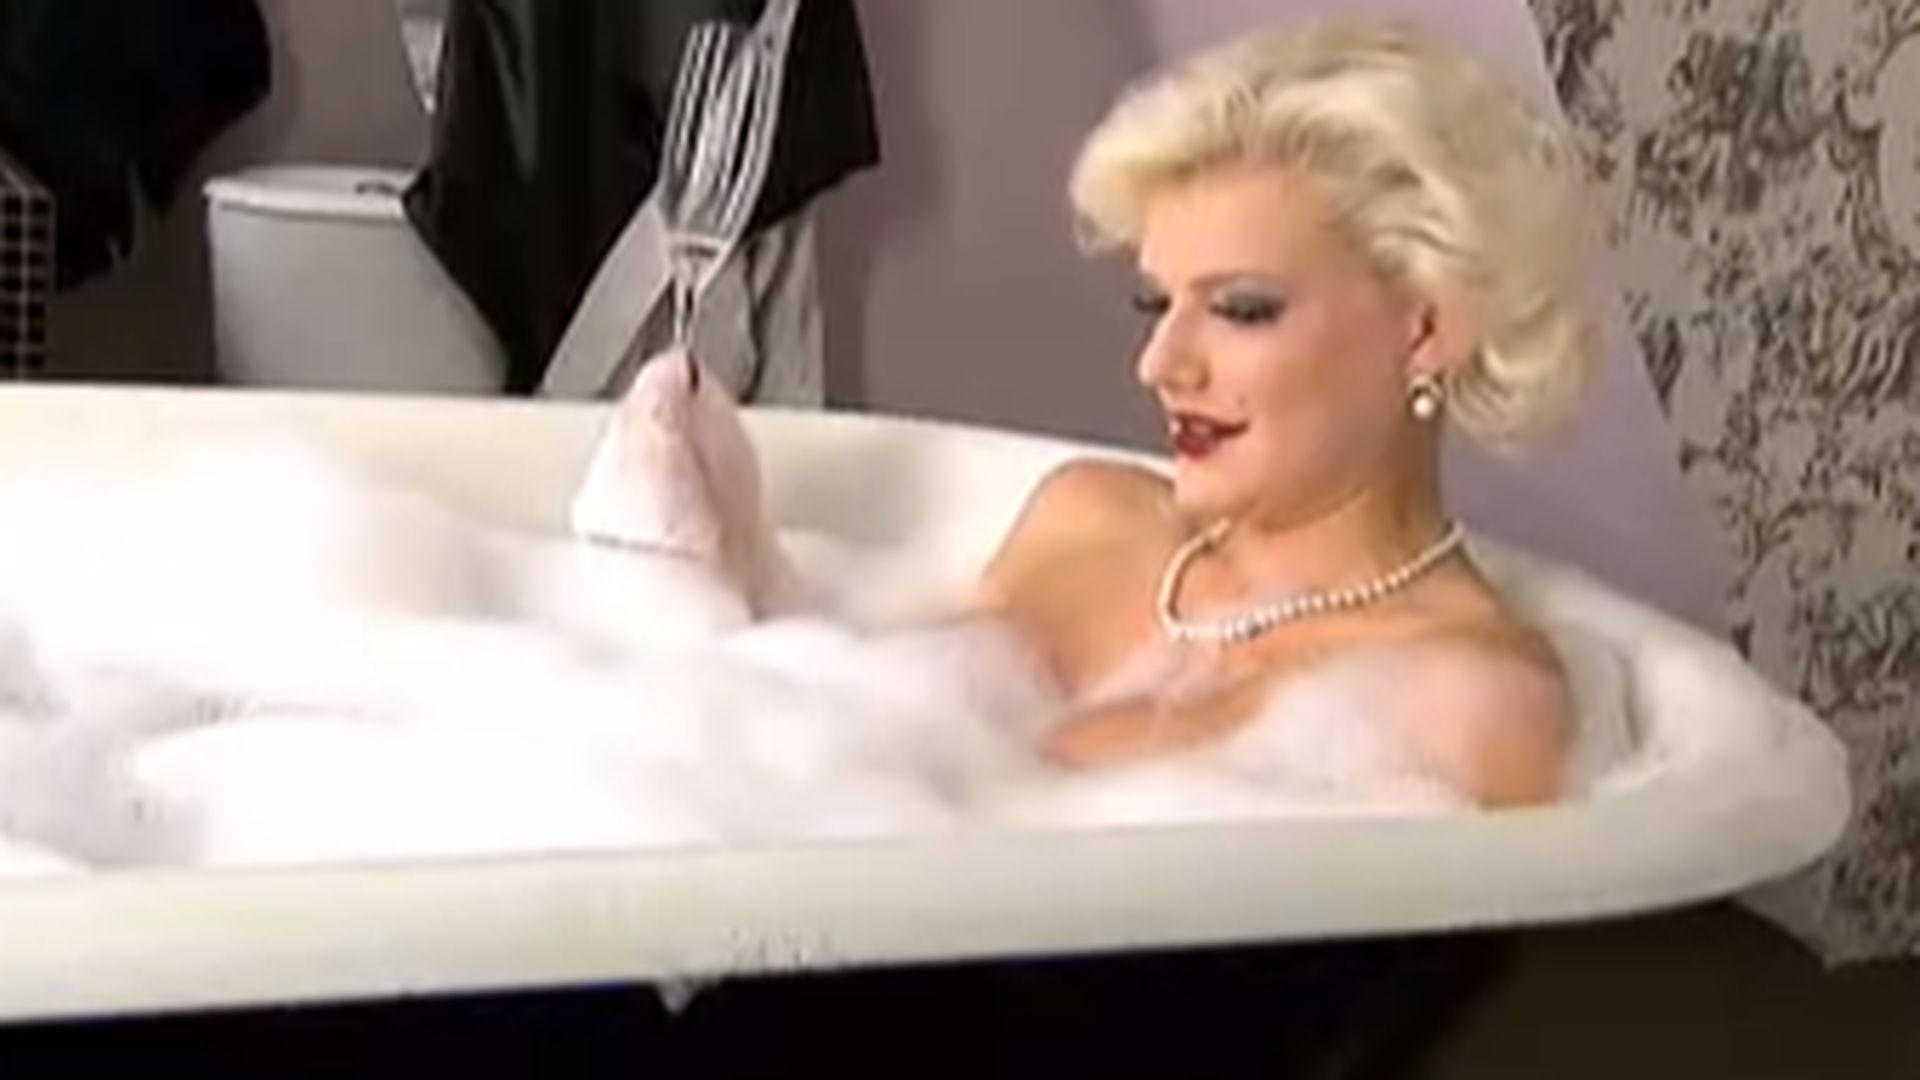 titten in die badewanne